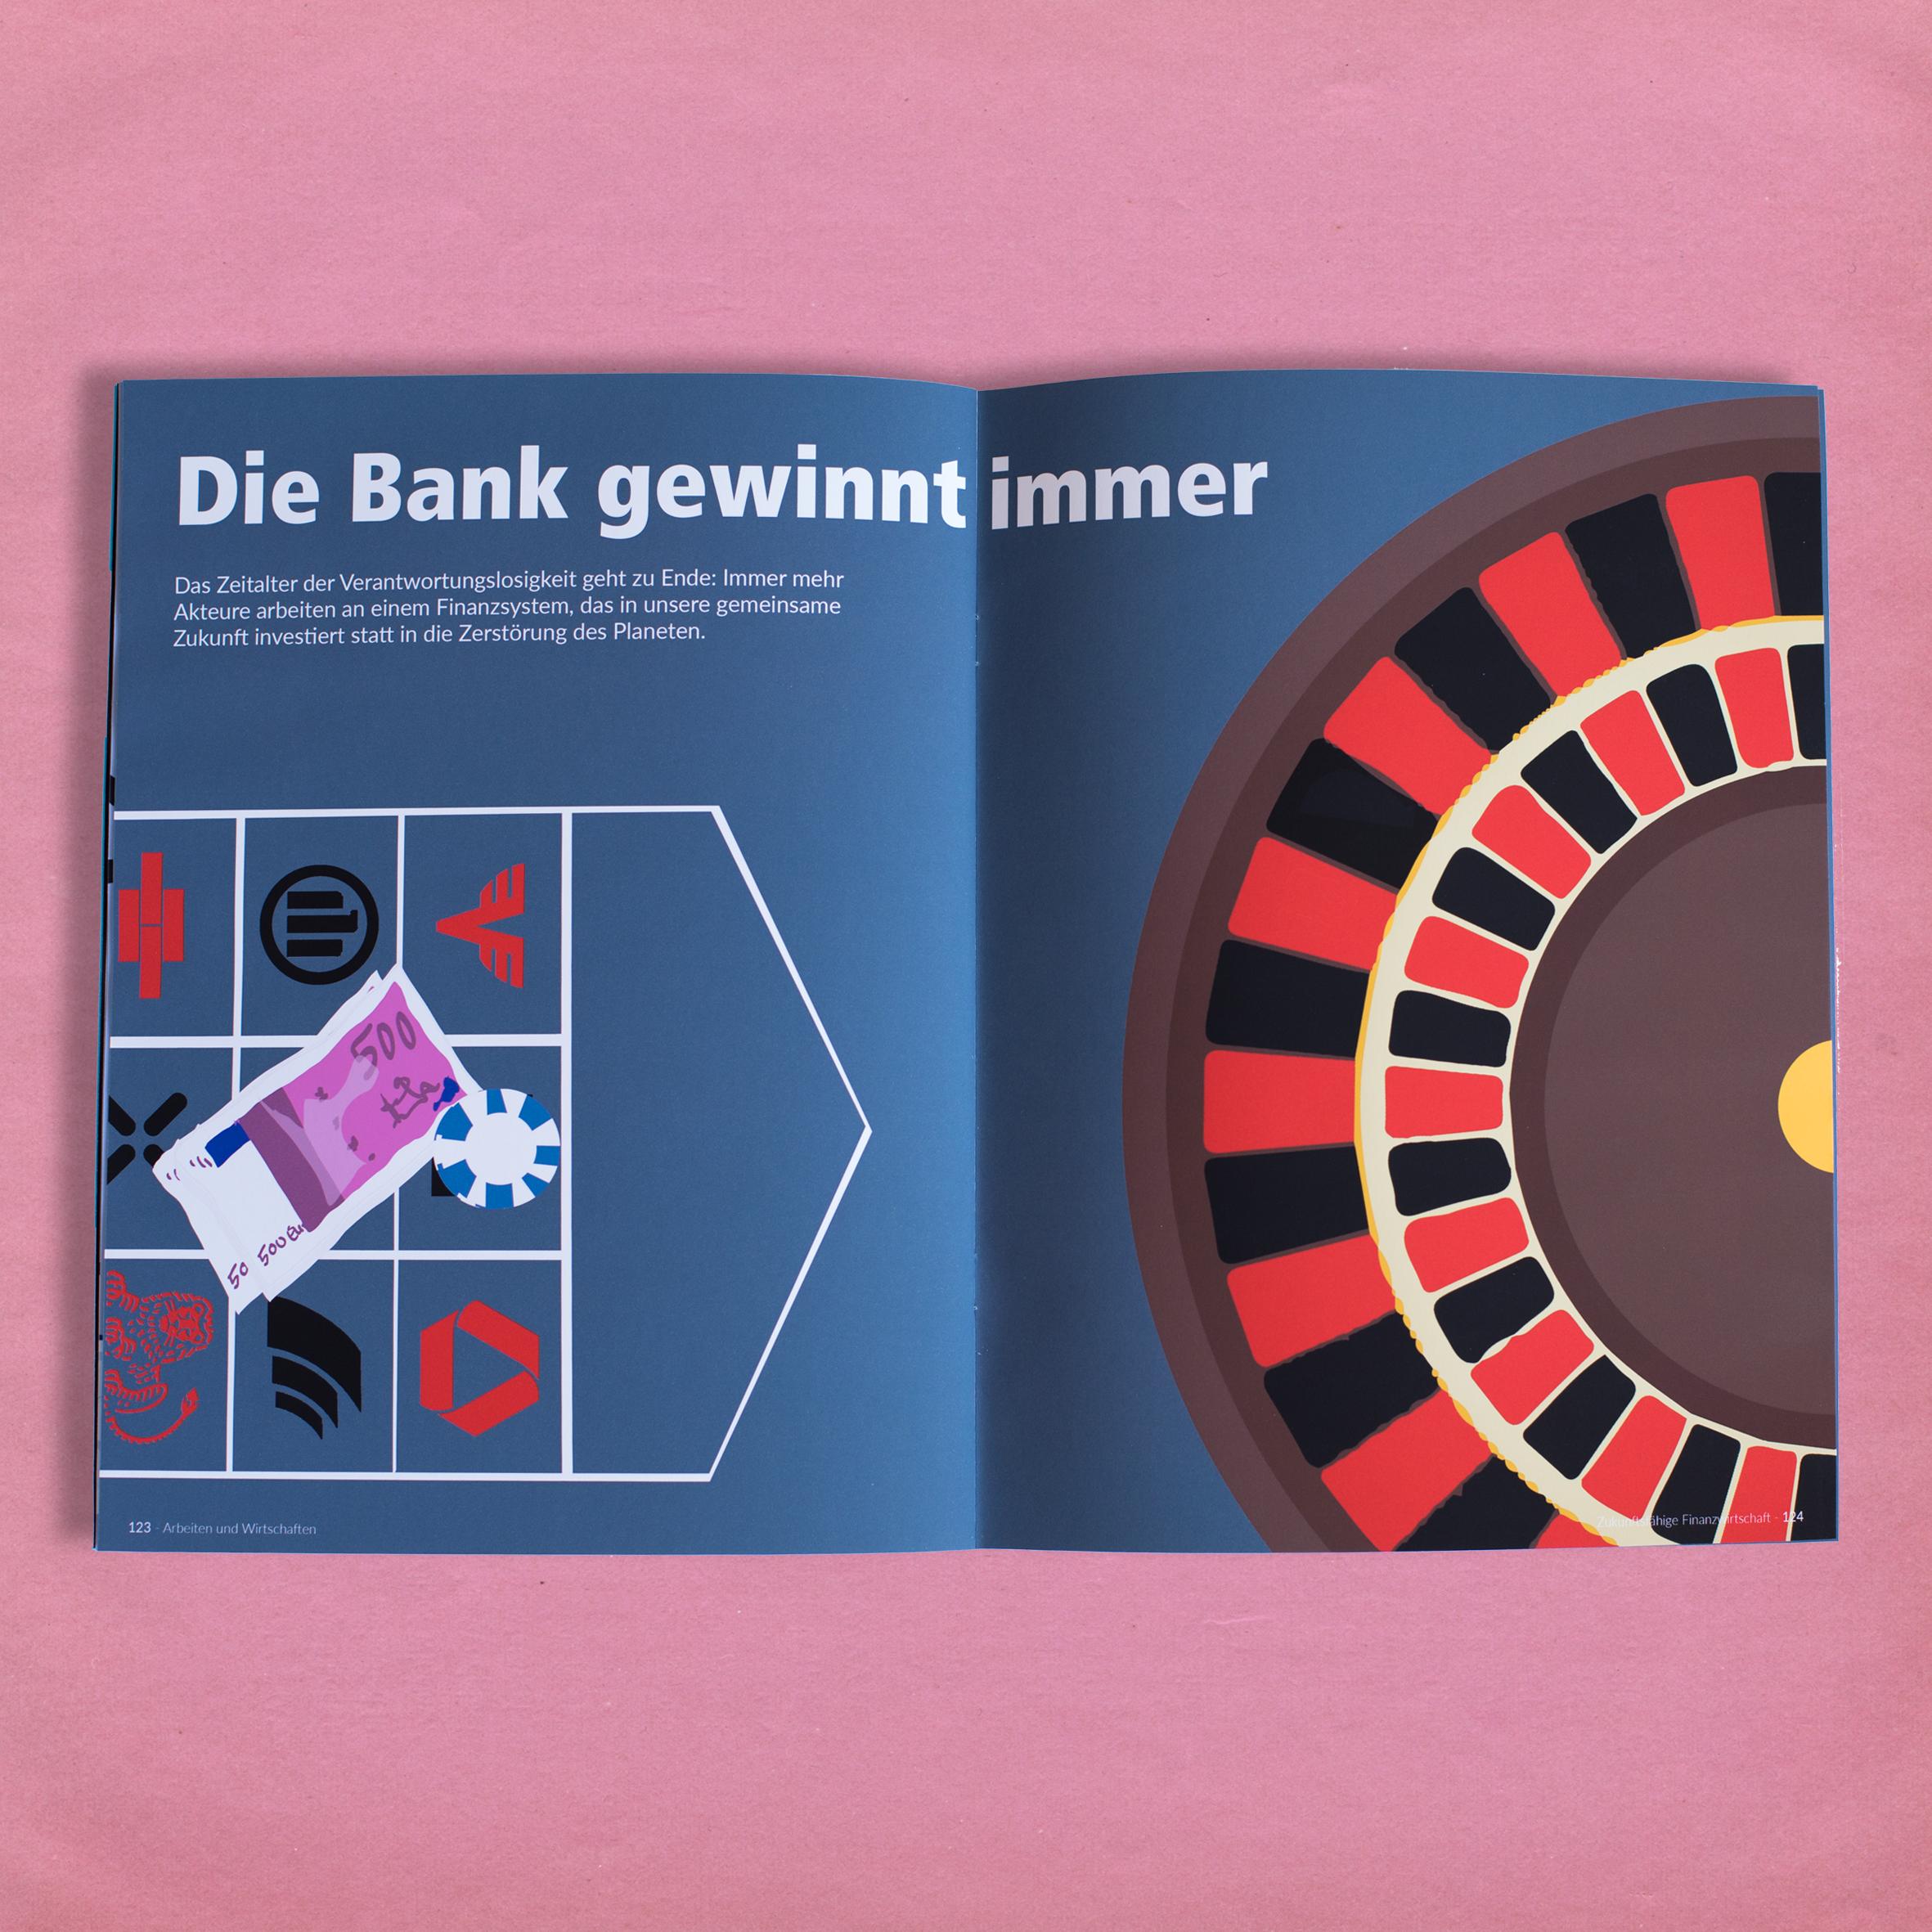 Bank gewinnt immer 1.5